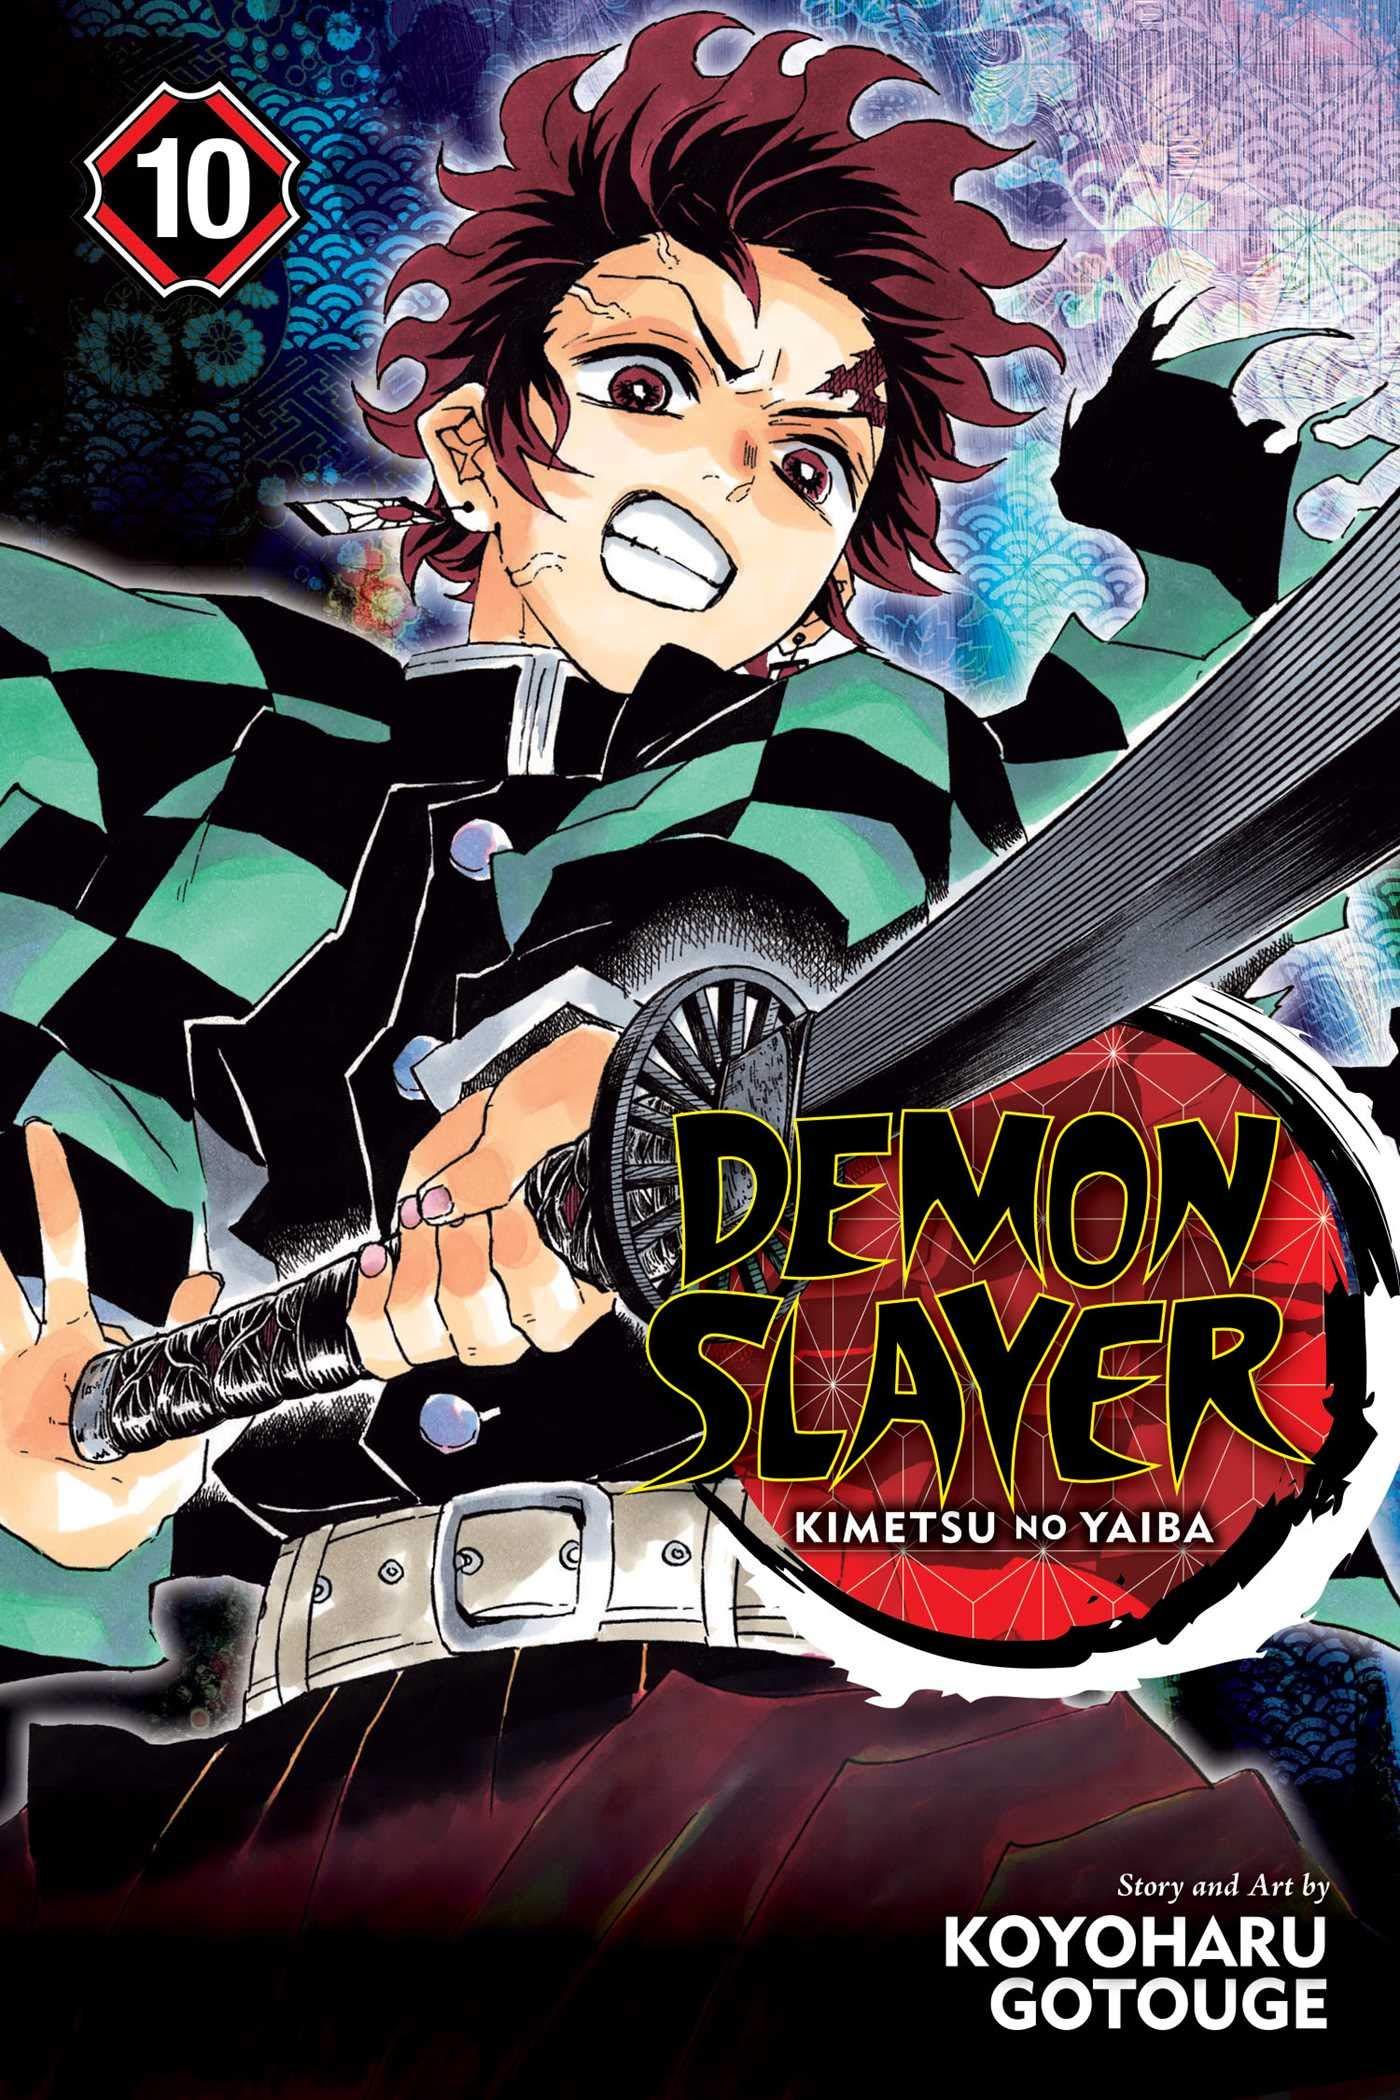 Manga Kimetsu No Yaiba Dapatkan Peringkat Kedua Dalam Daftar